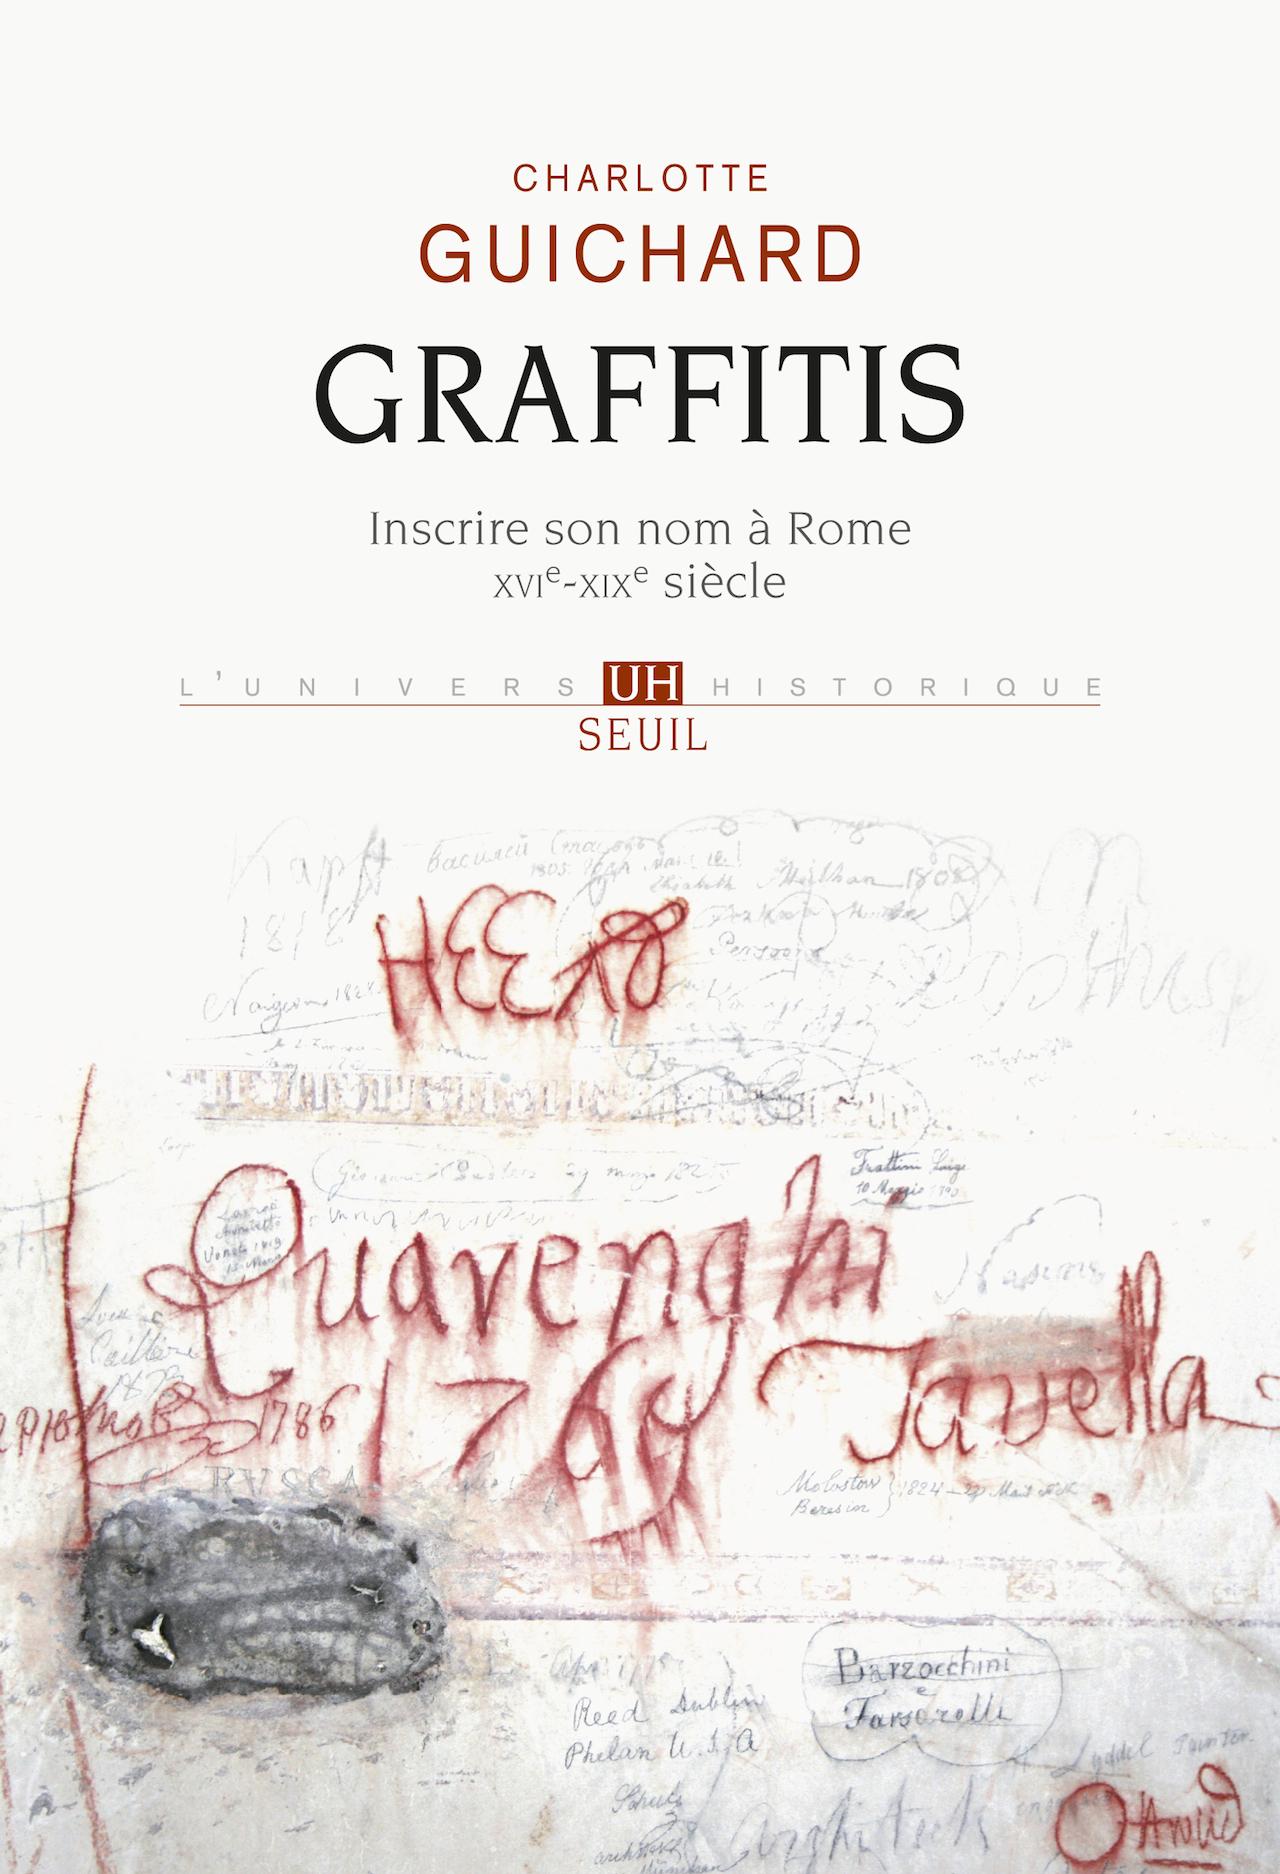 Cover of 'Graffitis: Inscrire son nom à Rome (XVIe-XIXe siècle)' by Charlotte Guichard (courtesy Éditions du Seuil)